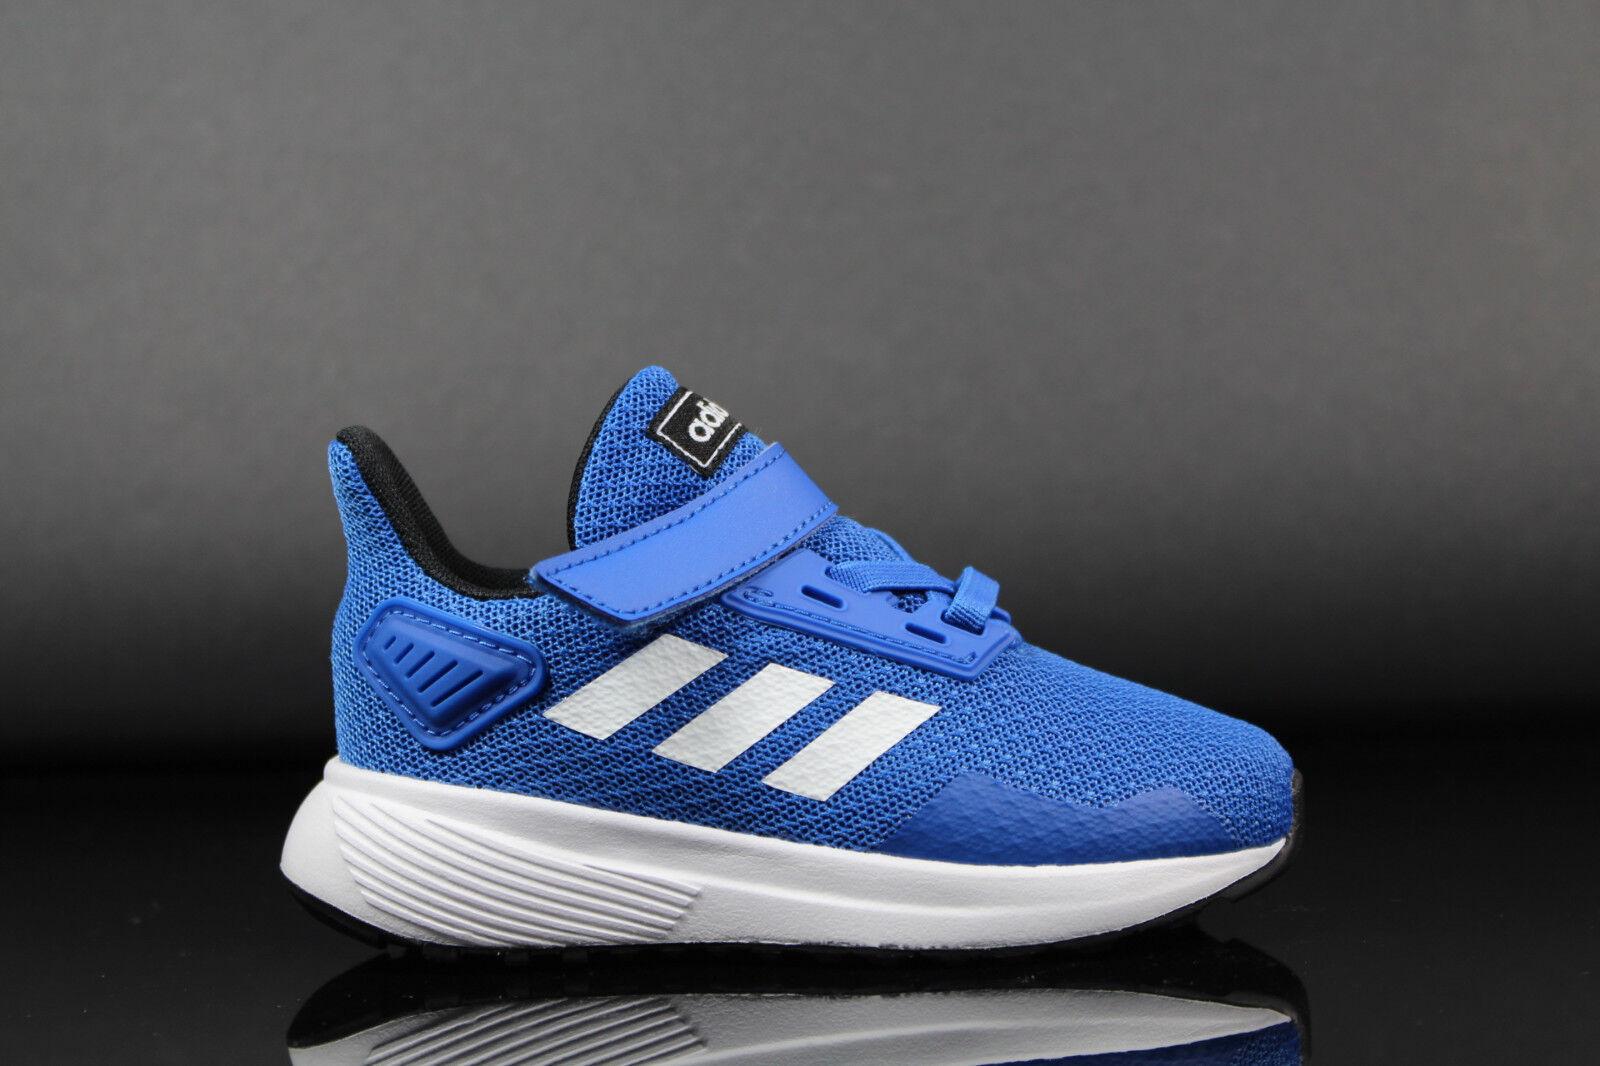 ADIDAS HOOPS CMF 22 Blau Kinder Sneaker neo EUR 10,00